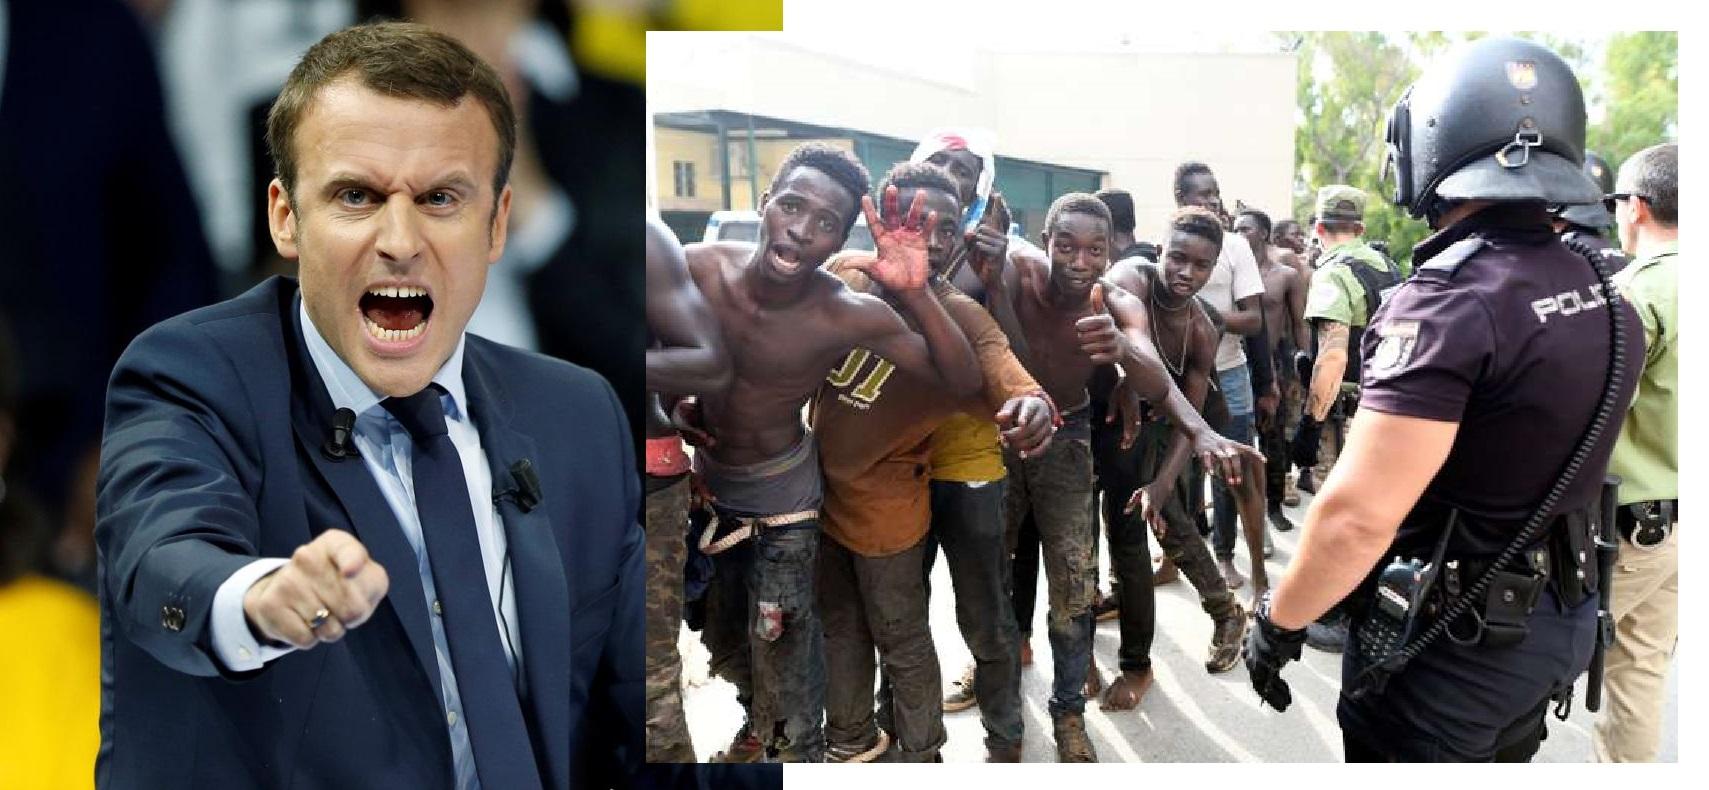 Le gouvernement luttera contre l'immigration clandestine en… favorisant l'immigration «économique»